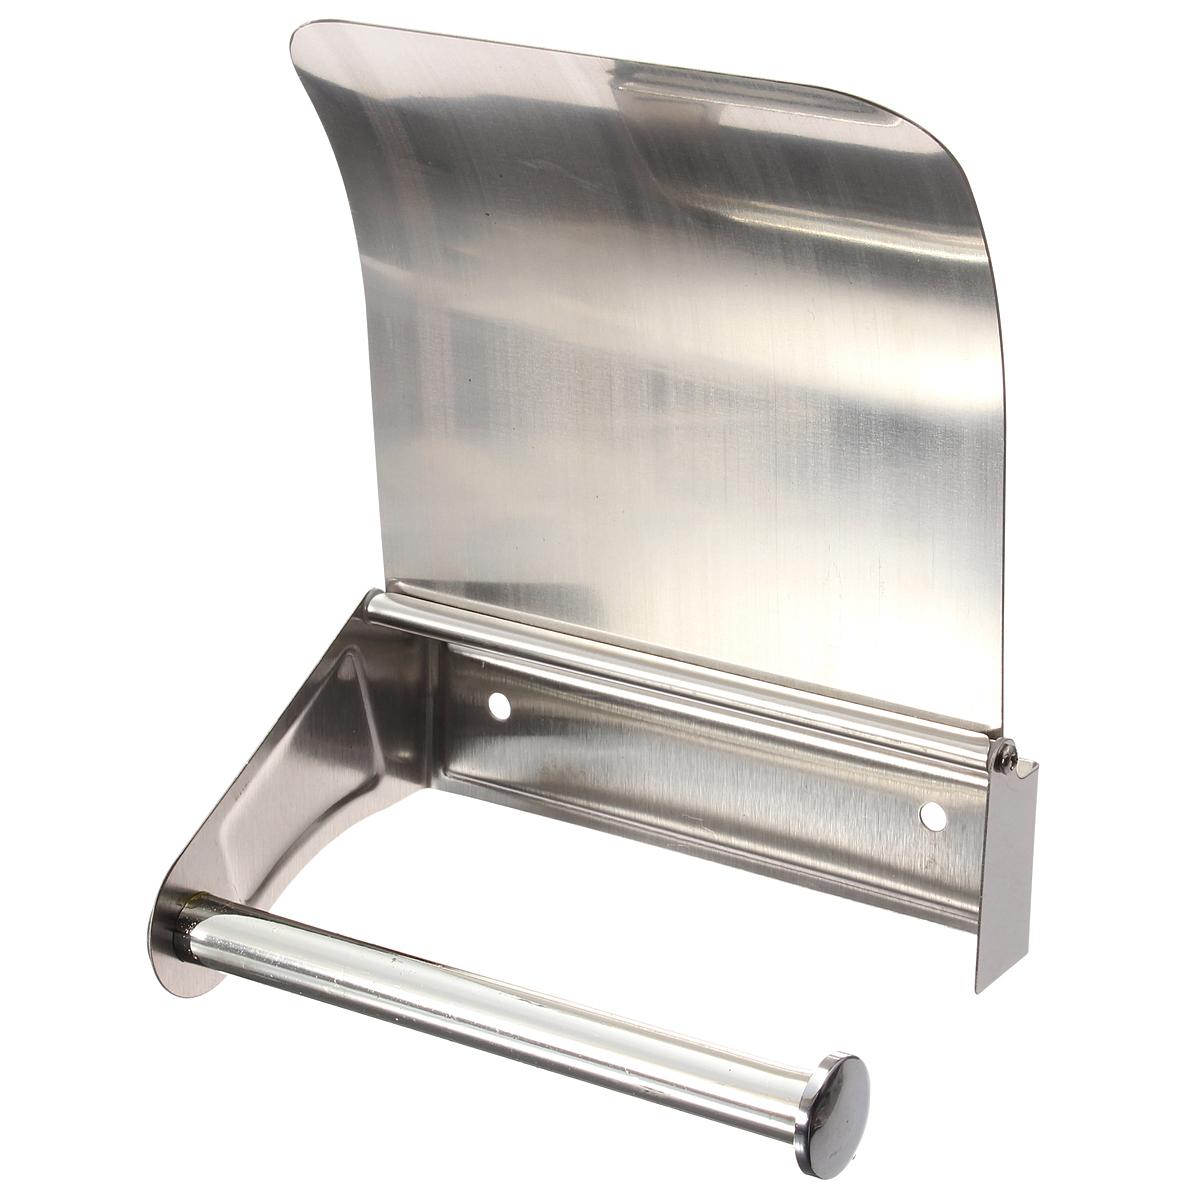 Stainless Steel Toilet Paper Roll Holder Tissue Bathroom